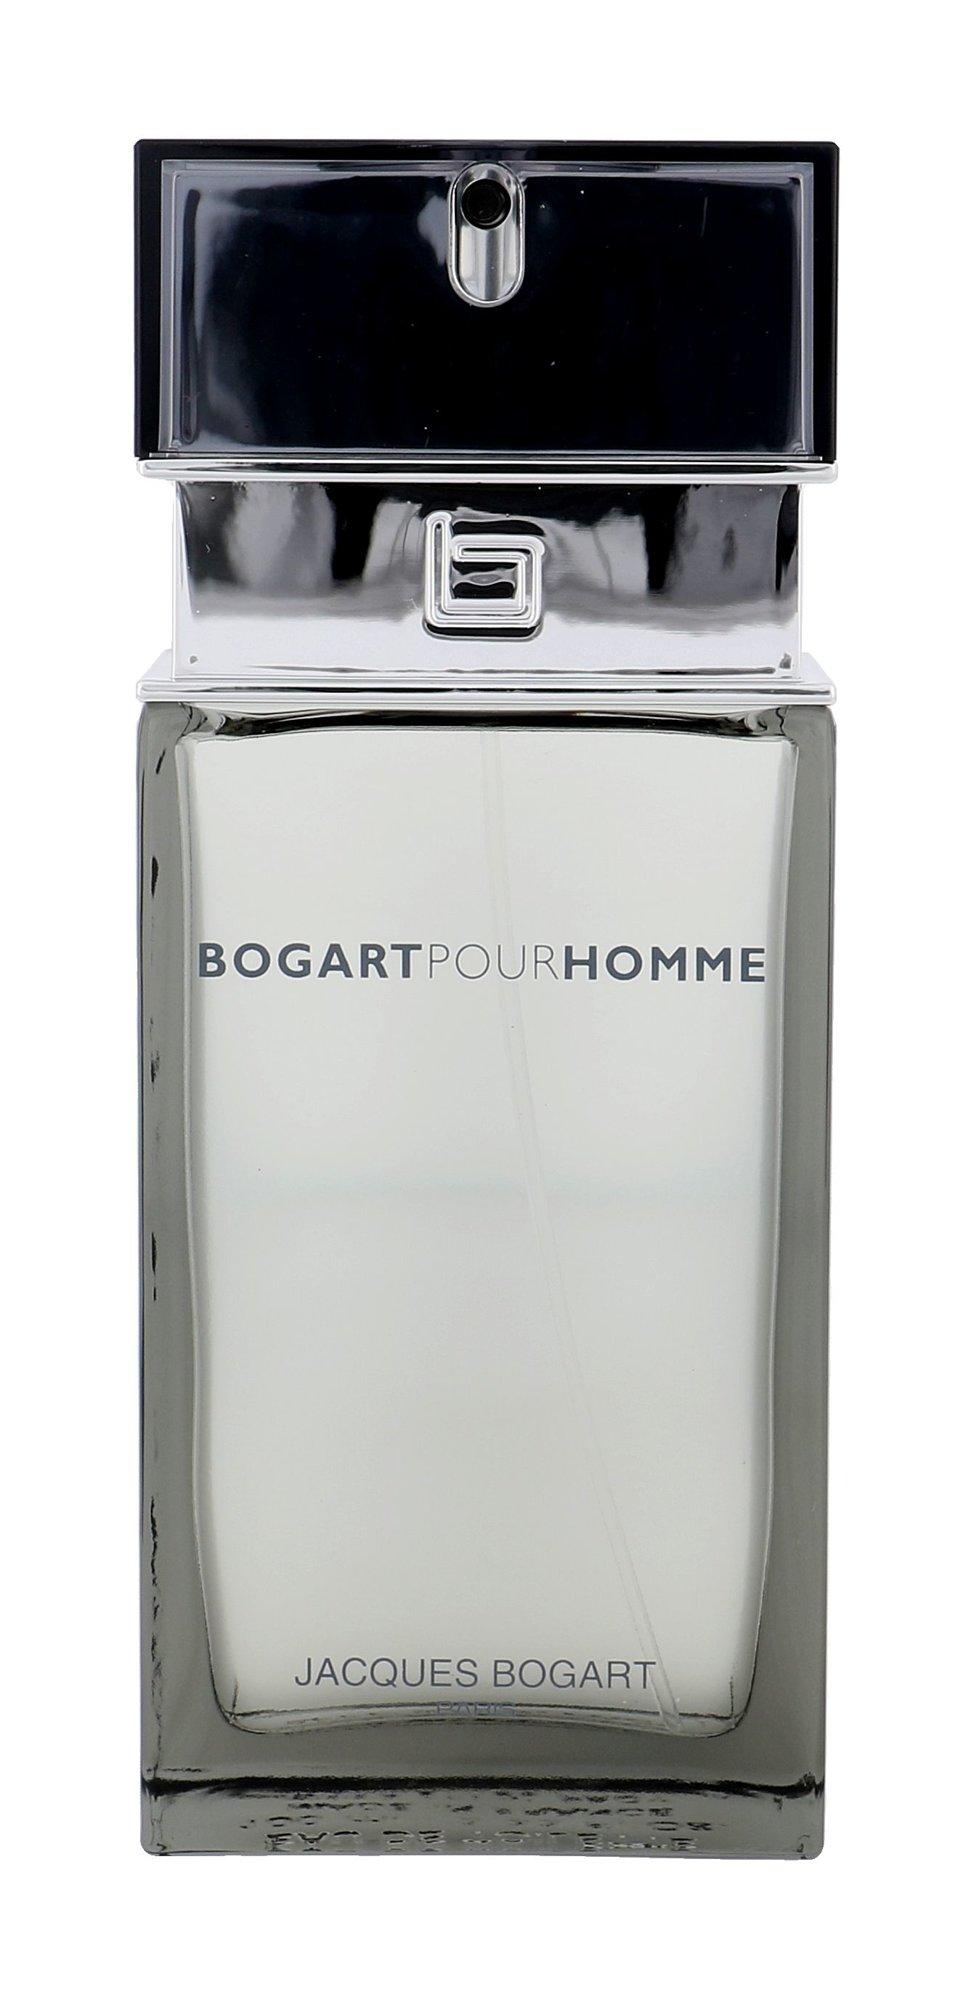 Jacques Bogart Bogart Pour Homme EDT 100ml